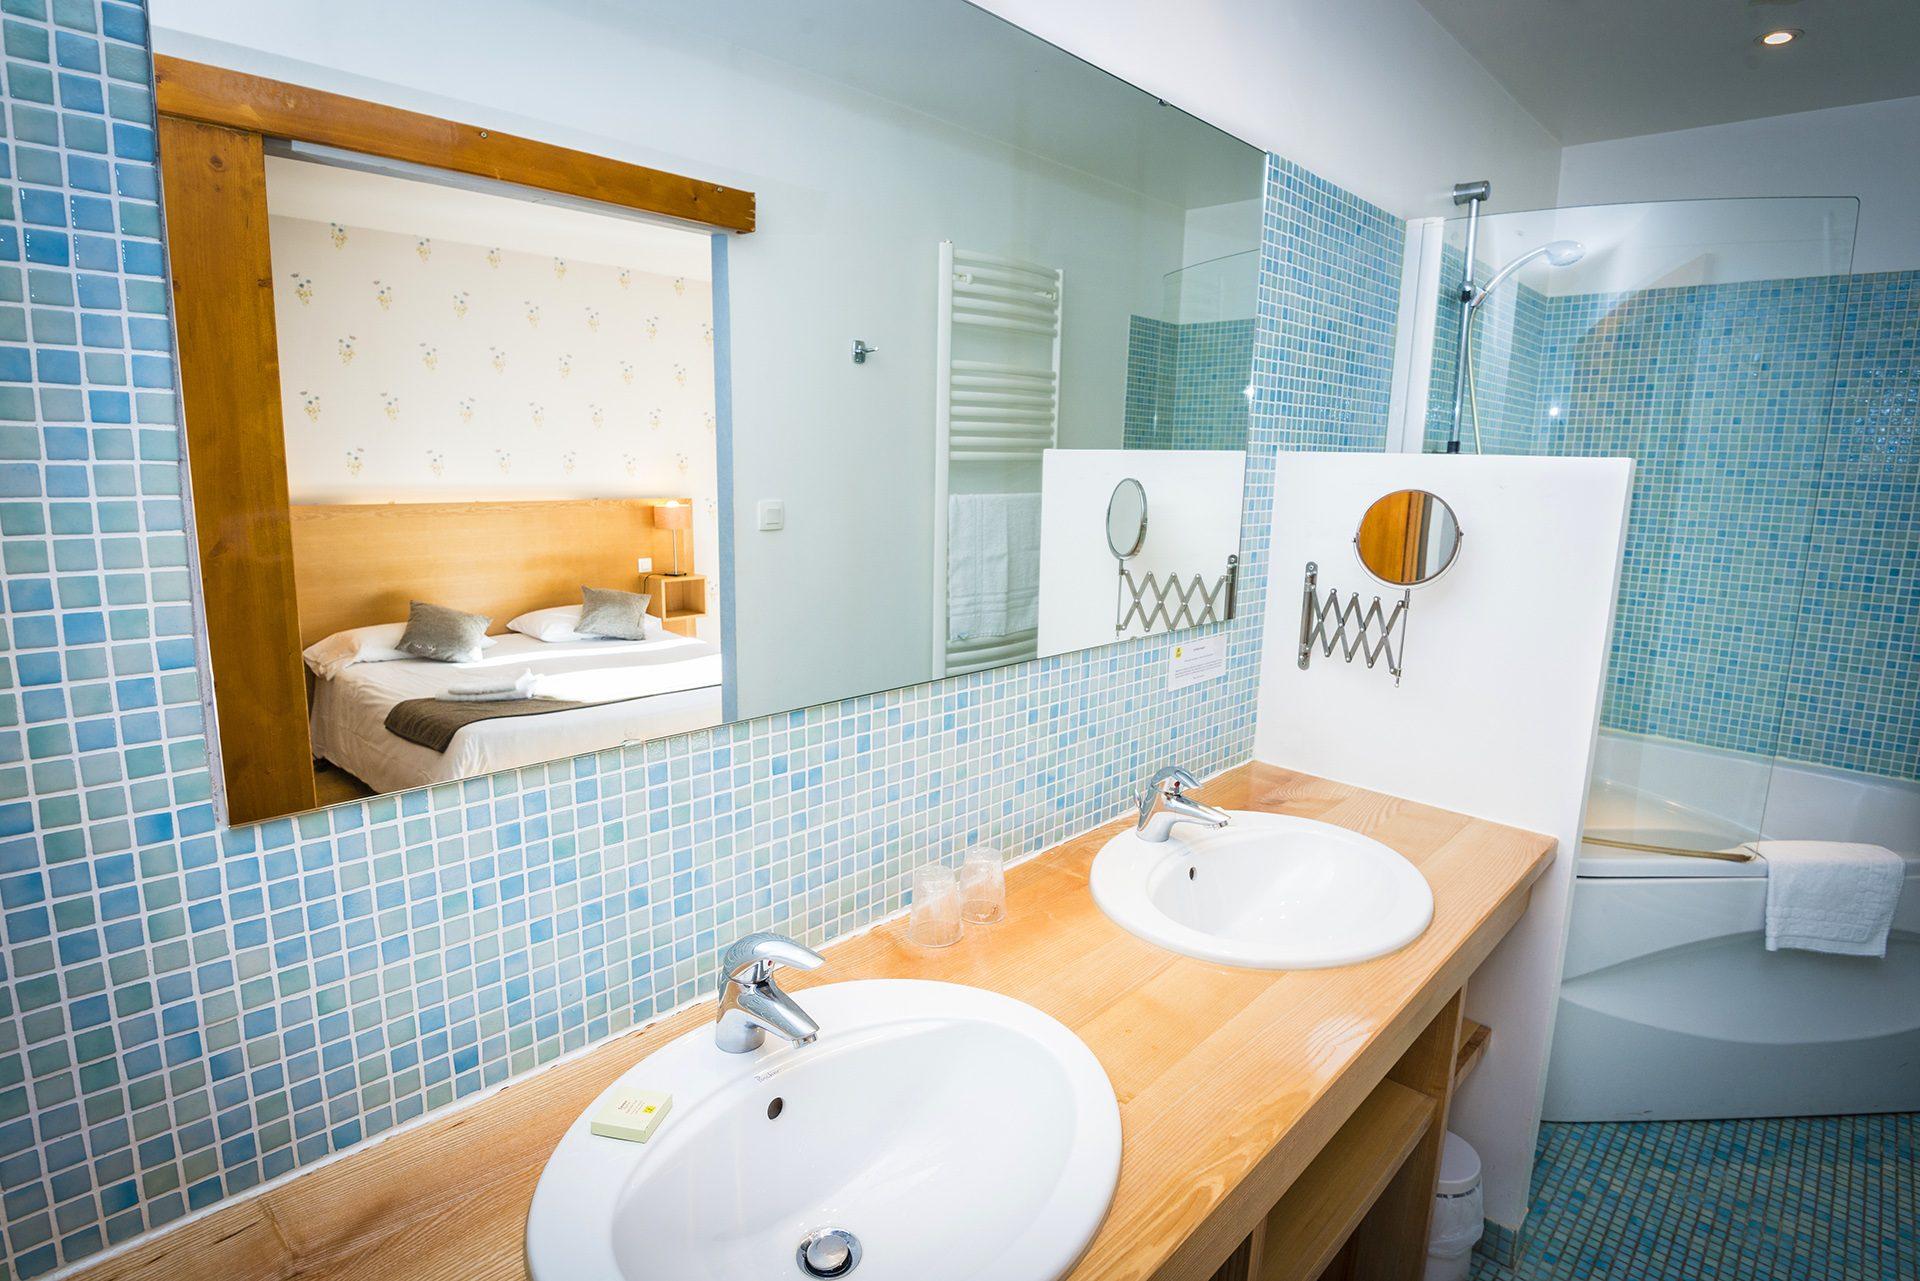 Salle de bain Chambres Communicantes - Partie parents - Hôtel *** Le Chalet à Ax les Thermes en Ariège Pyrénées